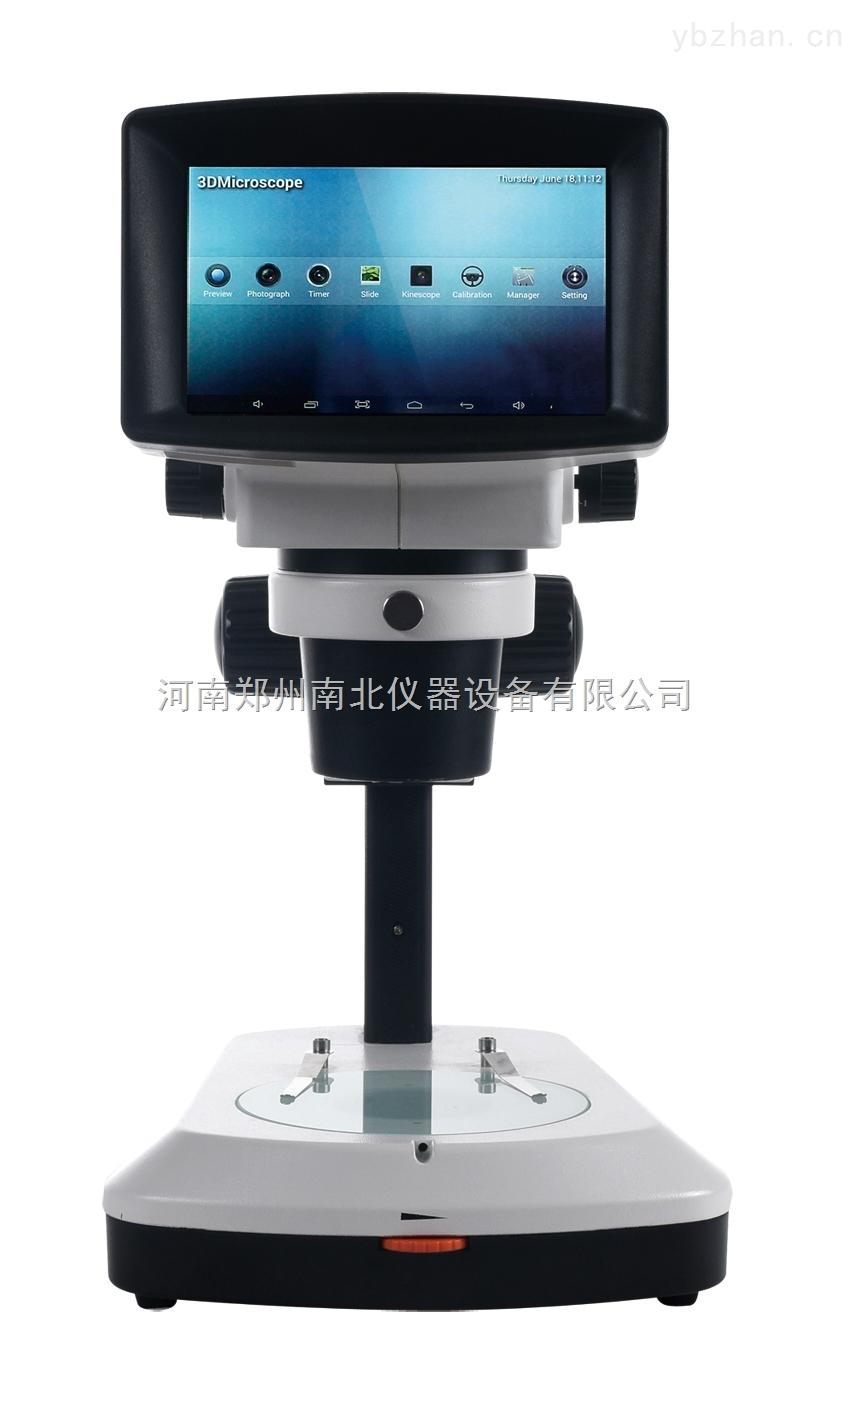 實驗室專用裸眼3D顯微鏡價格